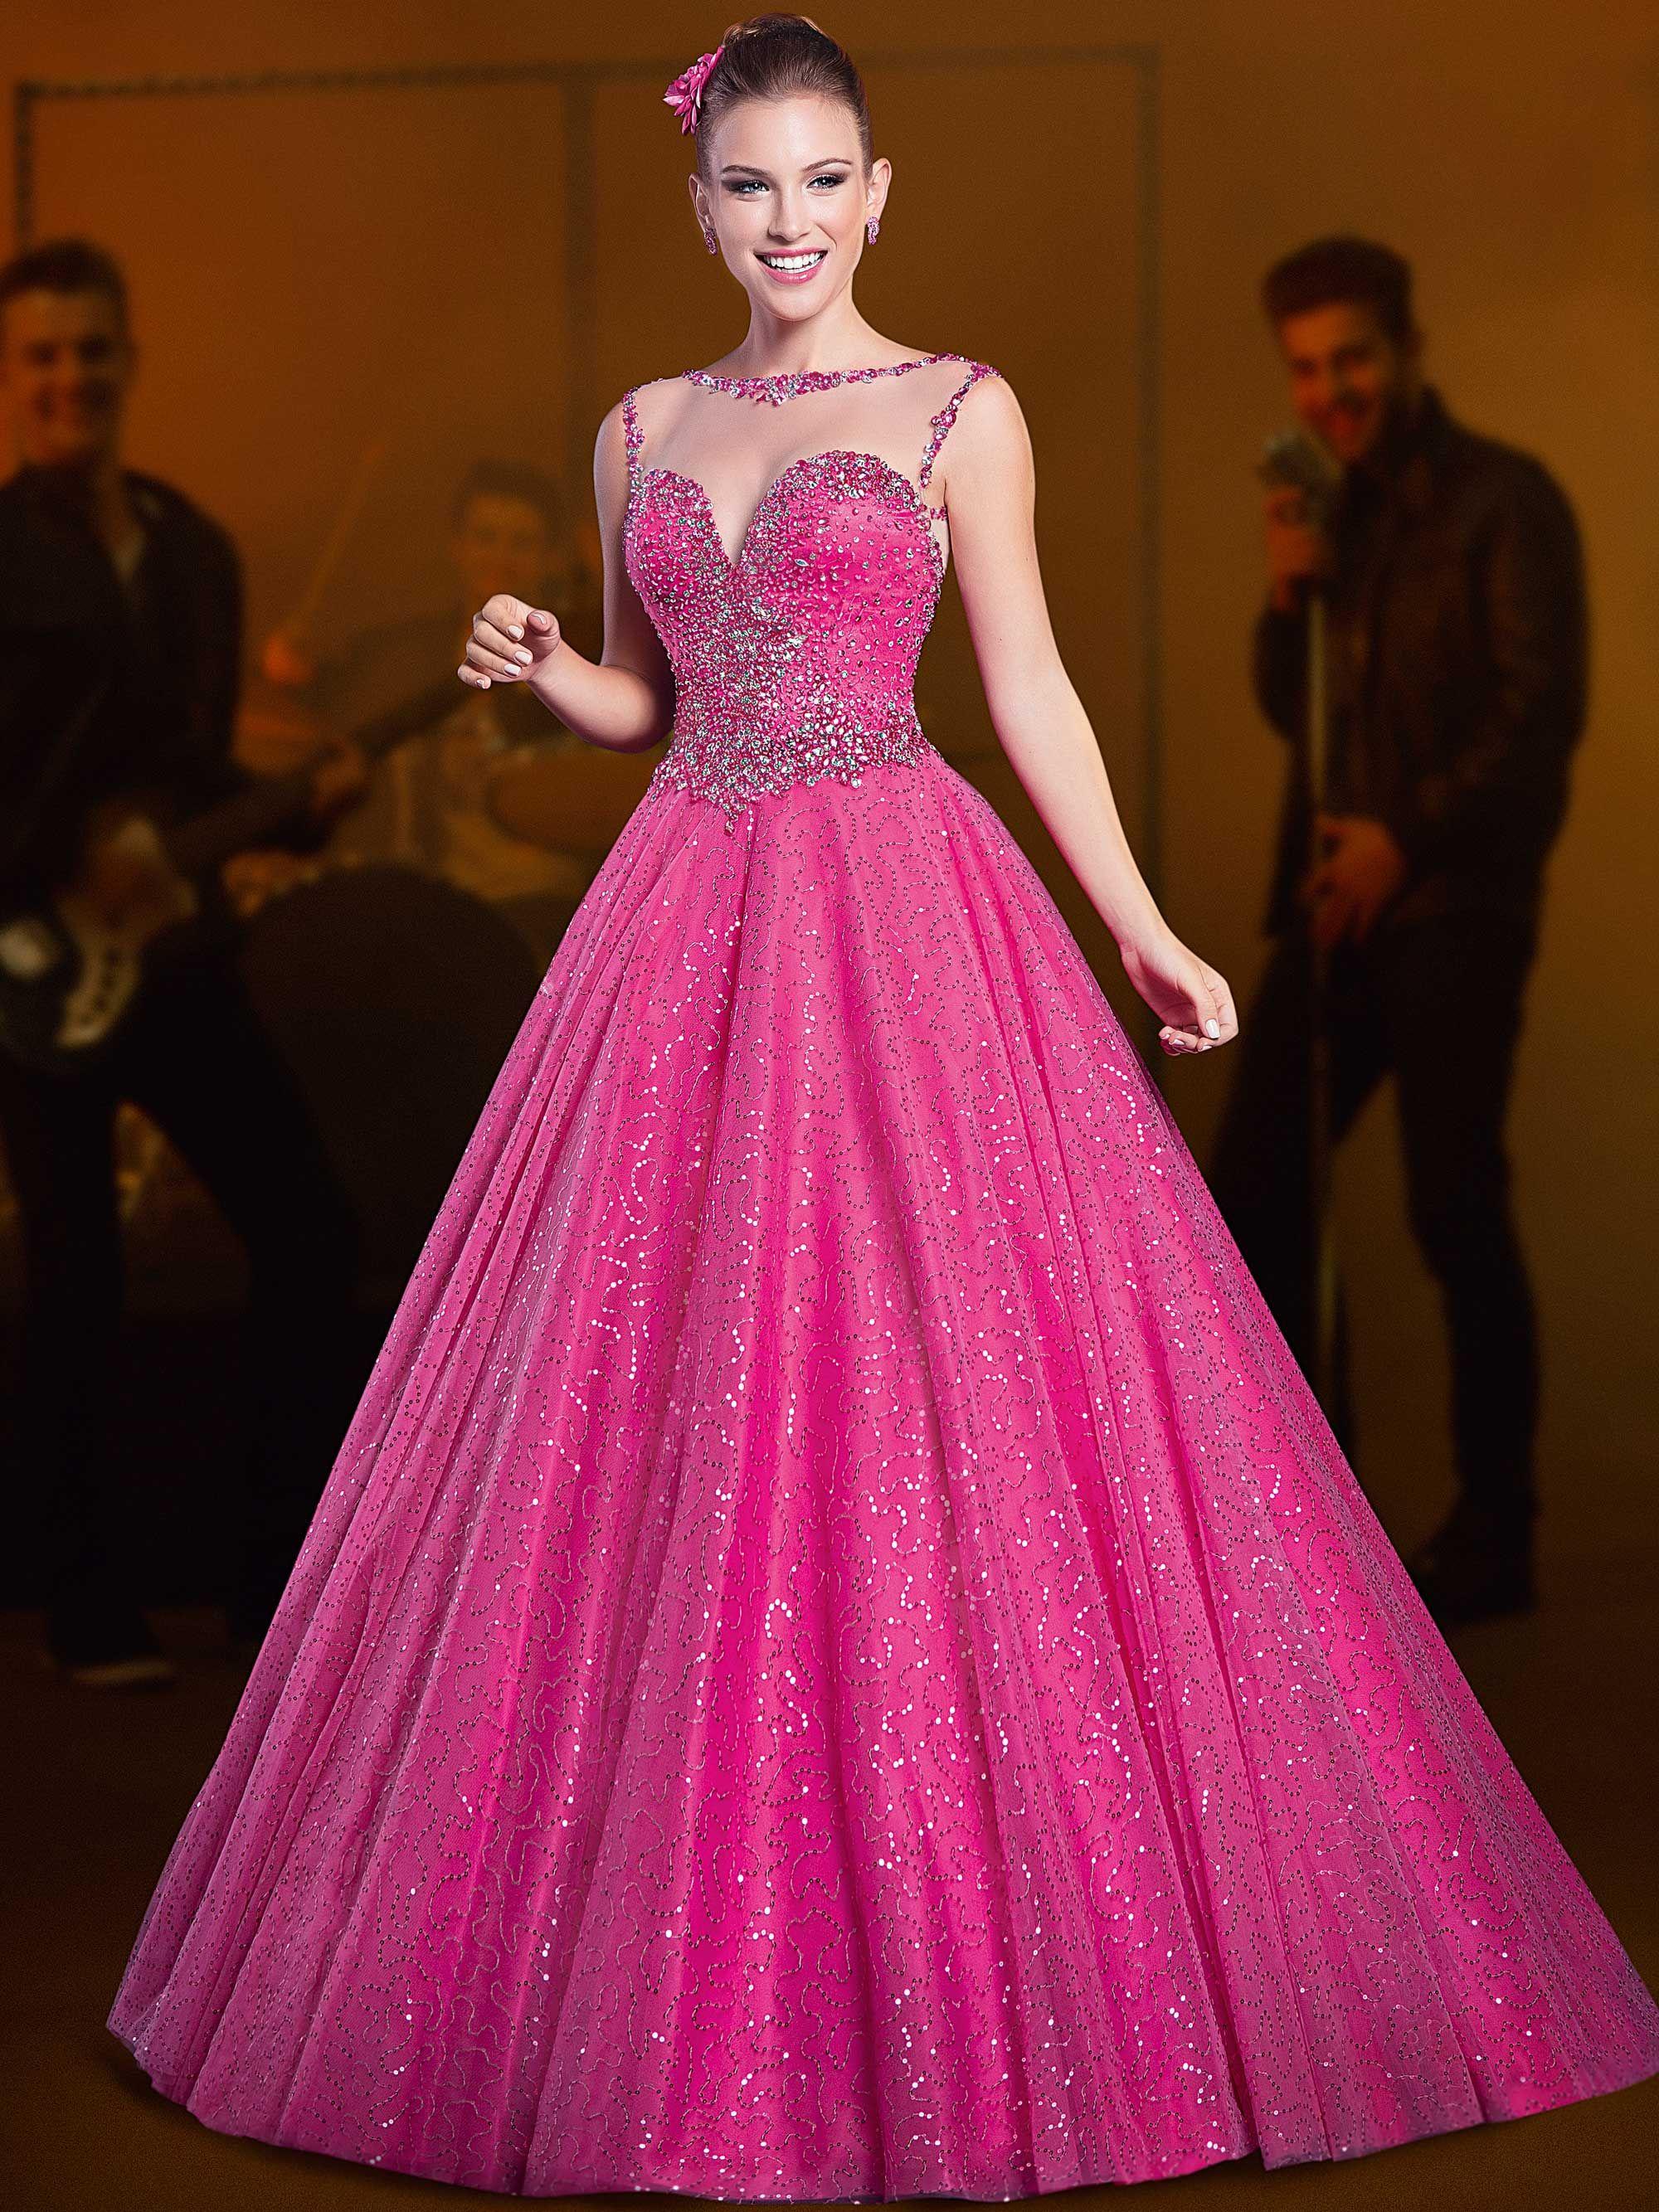 Modelos de vestidos de 15 anos modernos e exclusivos, desenvolvidos ...